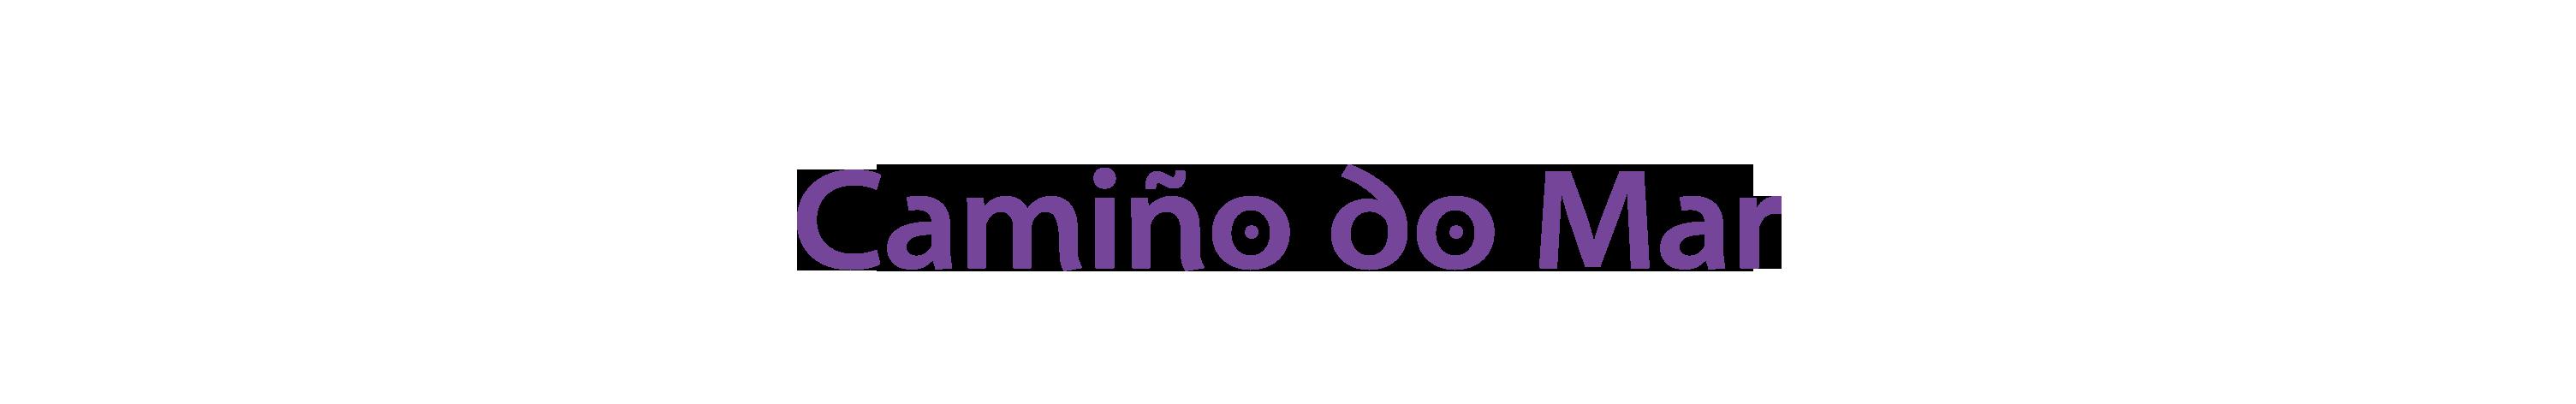 00_SAN-ANDRÉS_TITULOSweb-8